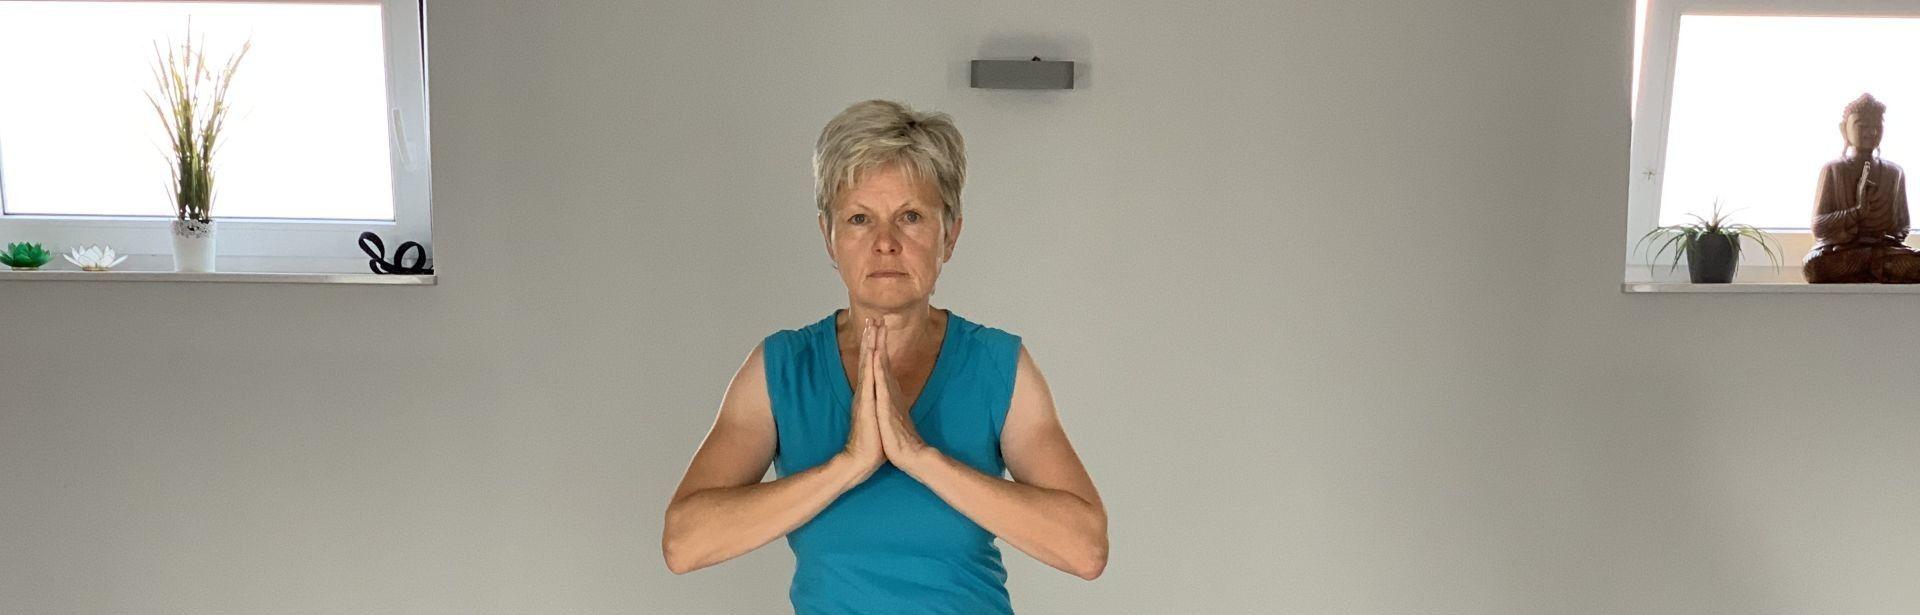 Bärbel, Yoga & Depressionen